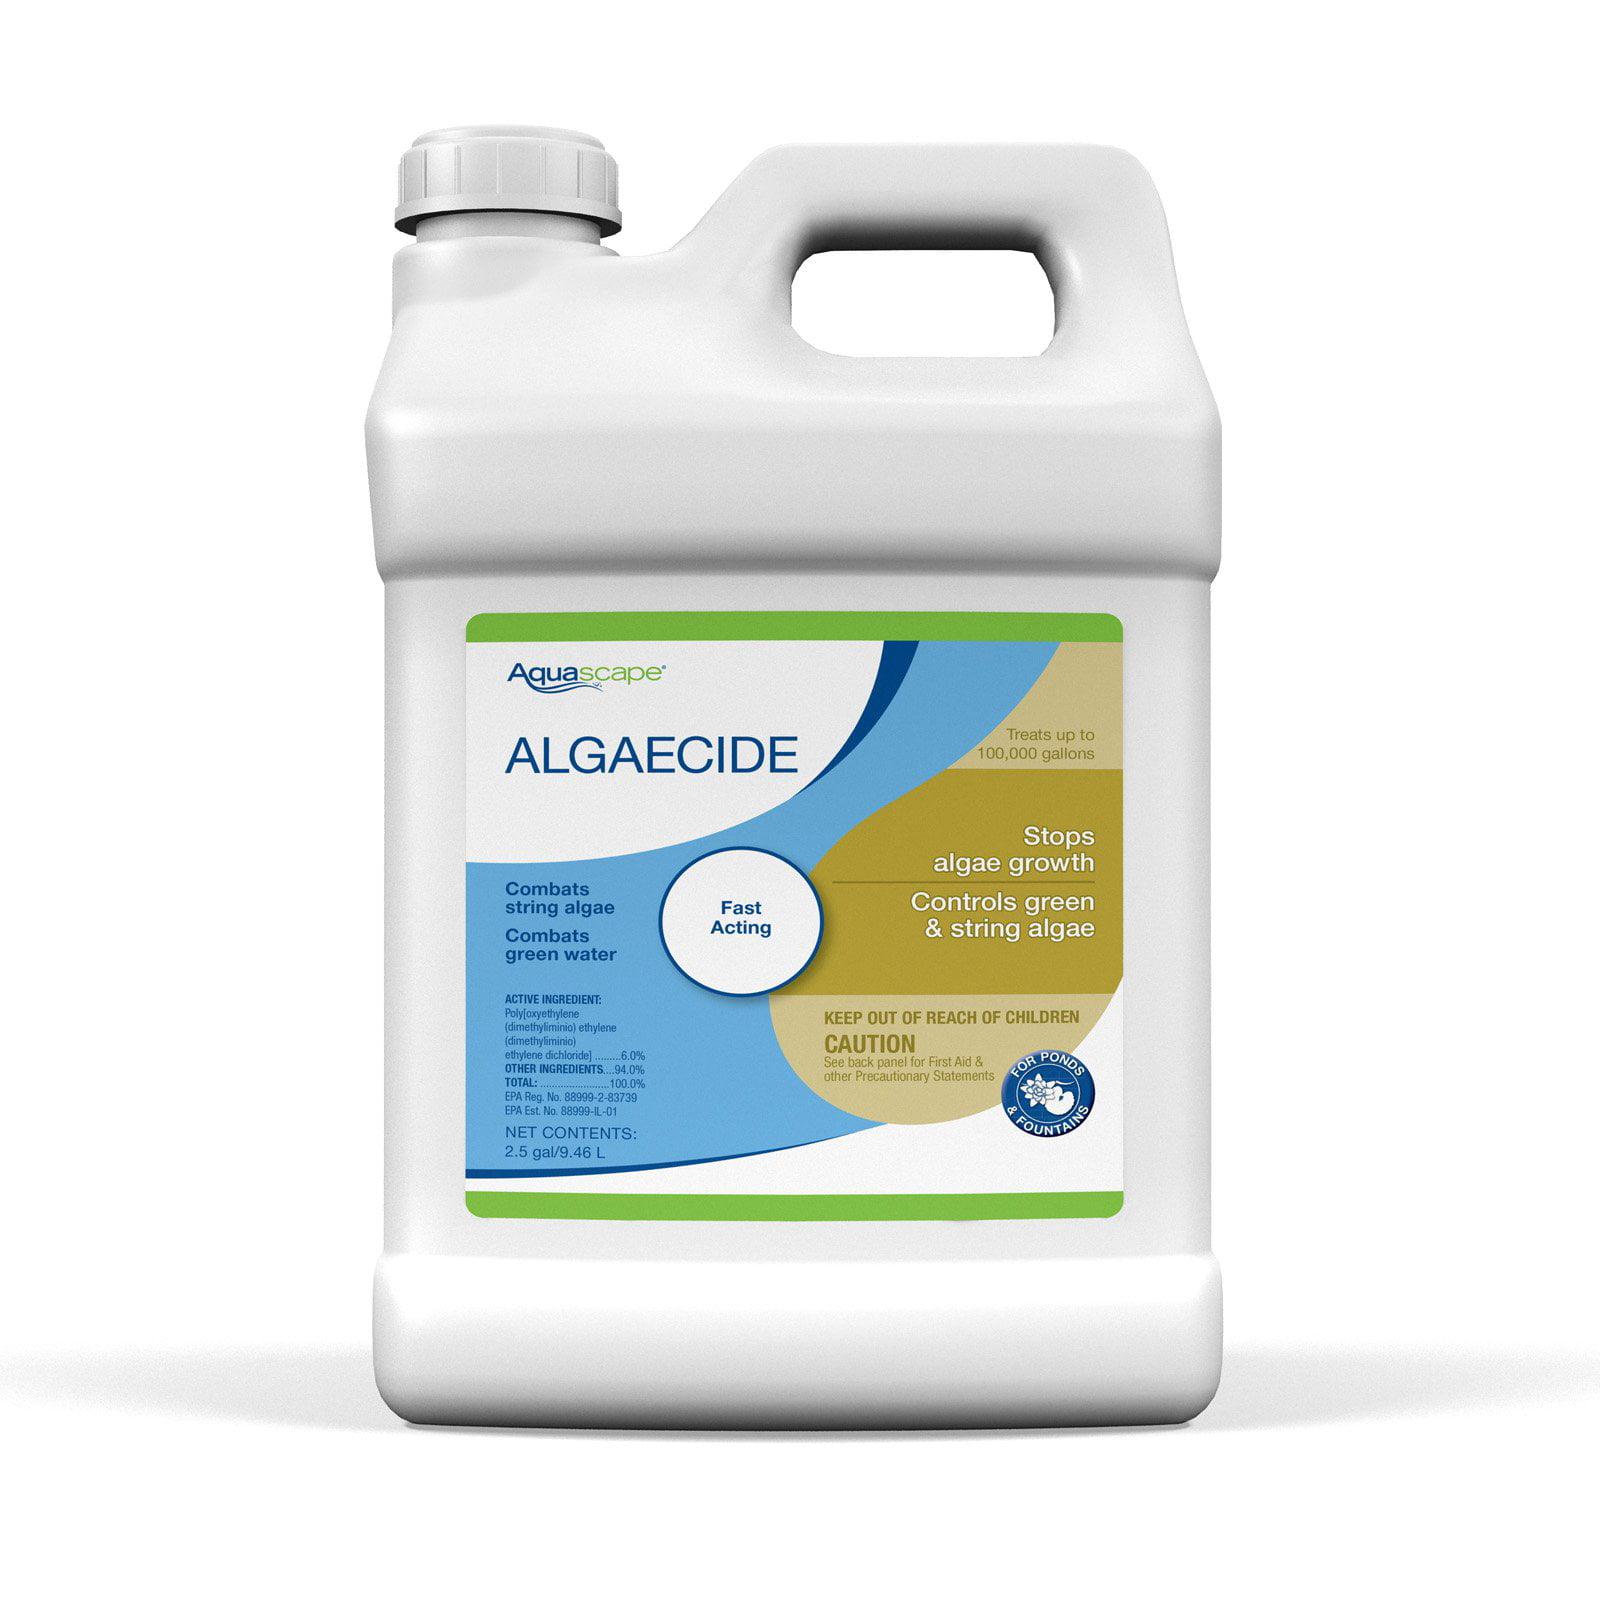 Aquascape Algaecide